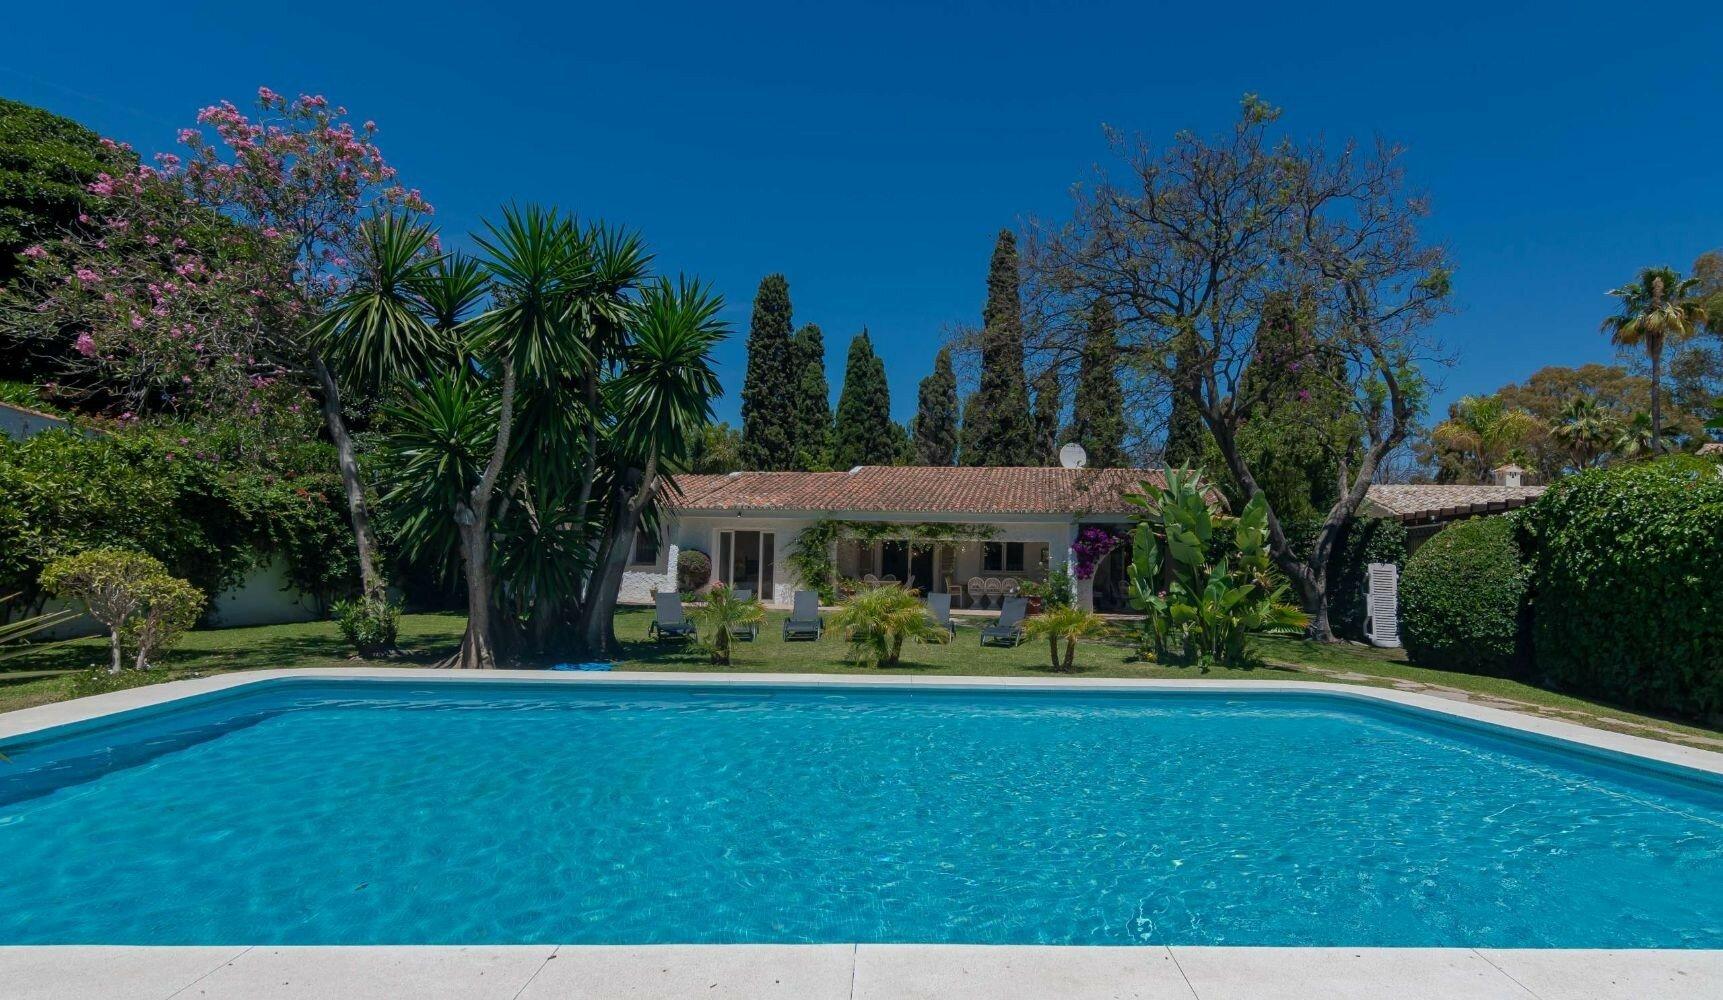 Villa for sale in San Pedro Alcantara, Cortijo Blanco